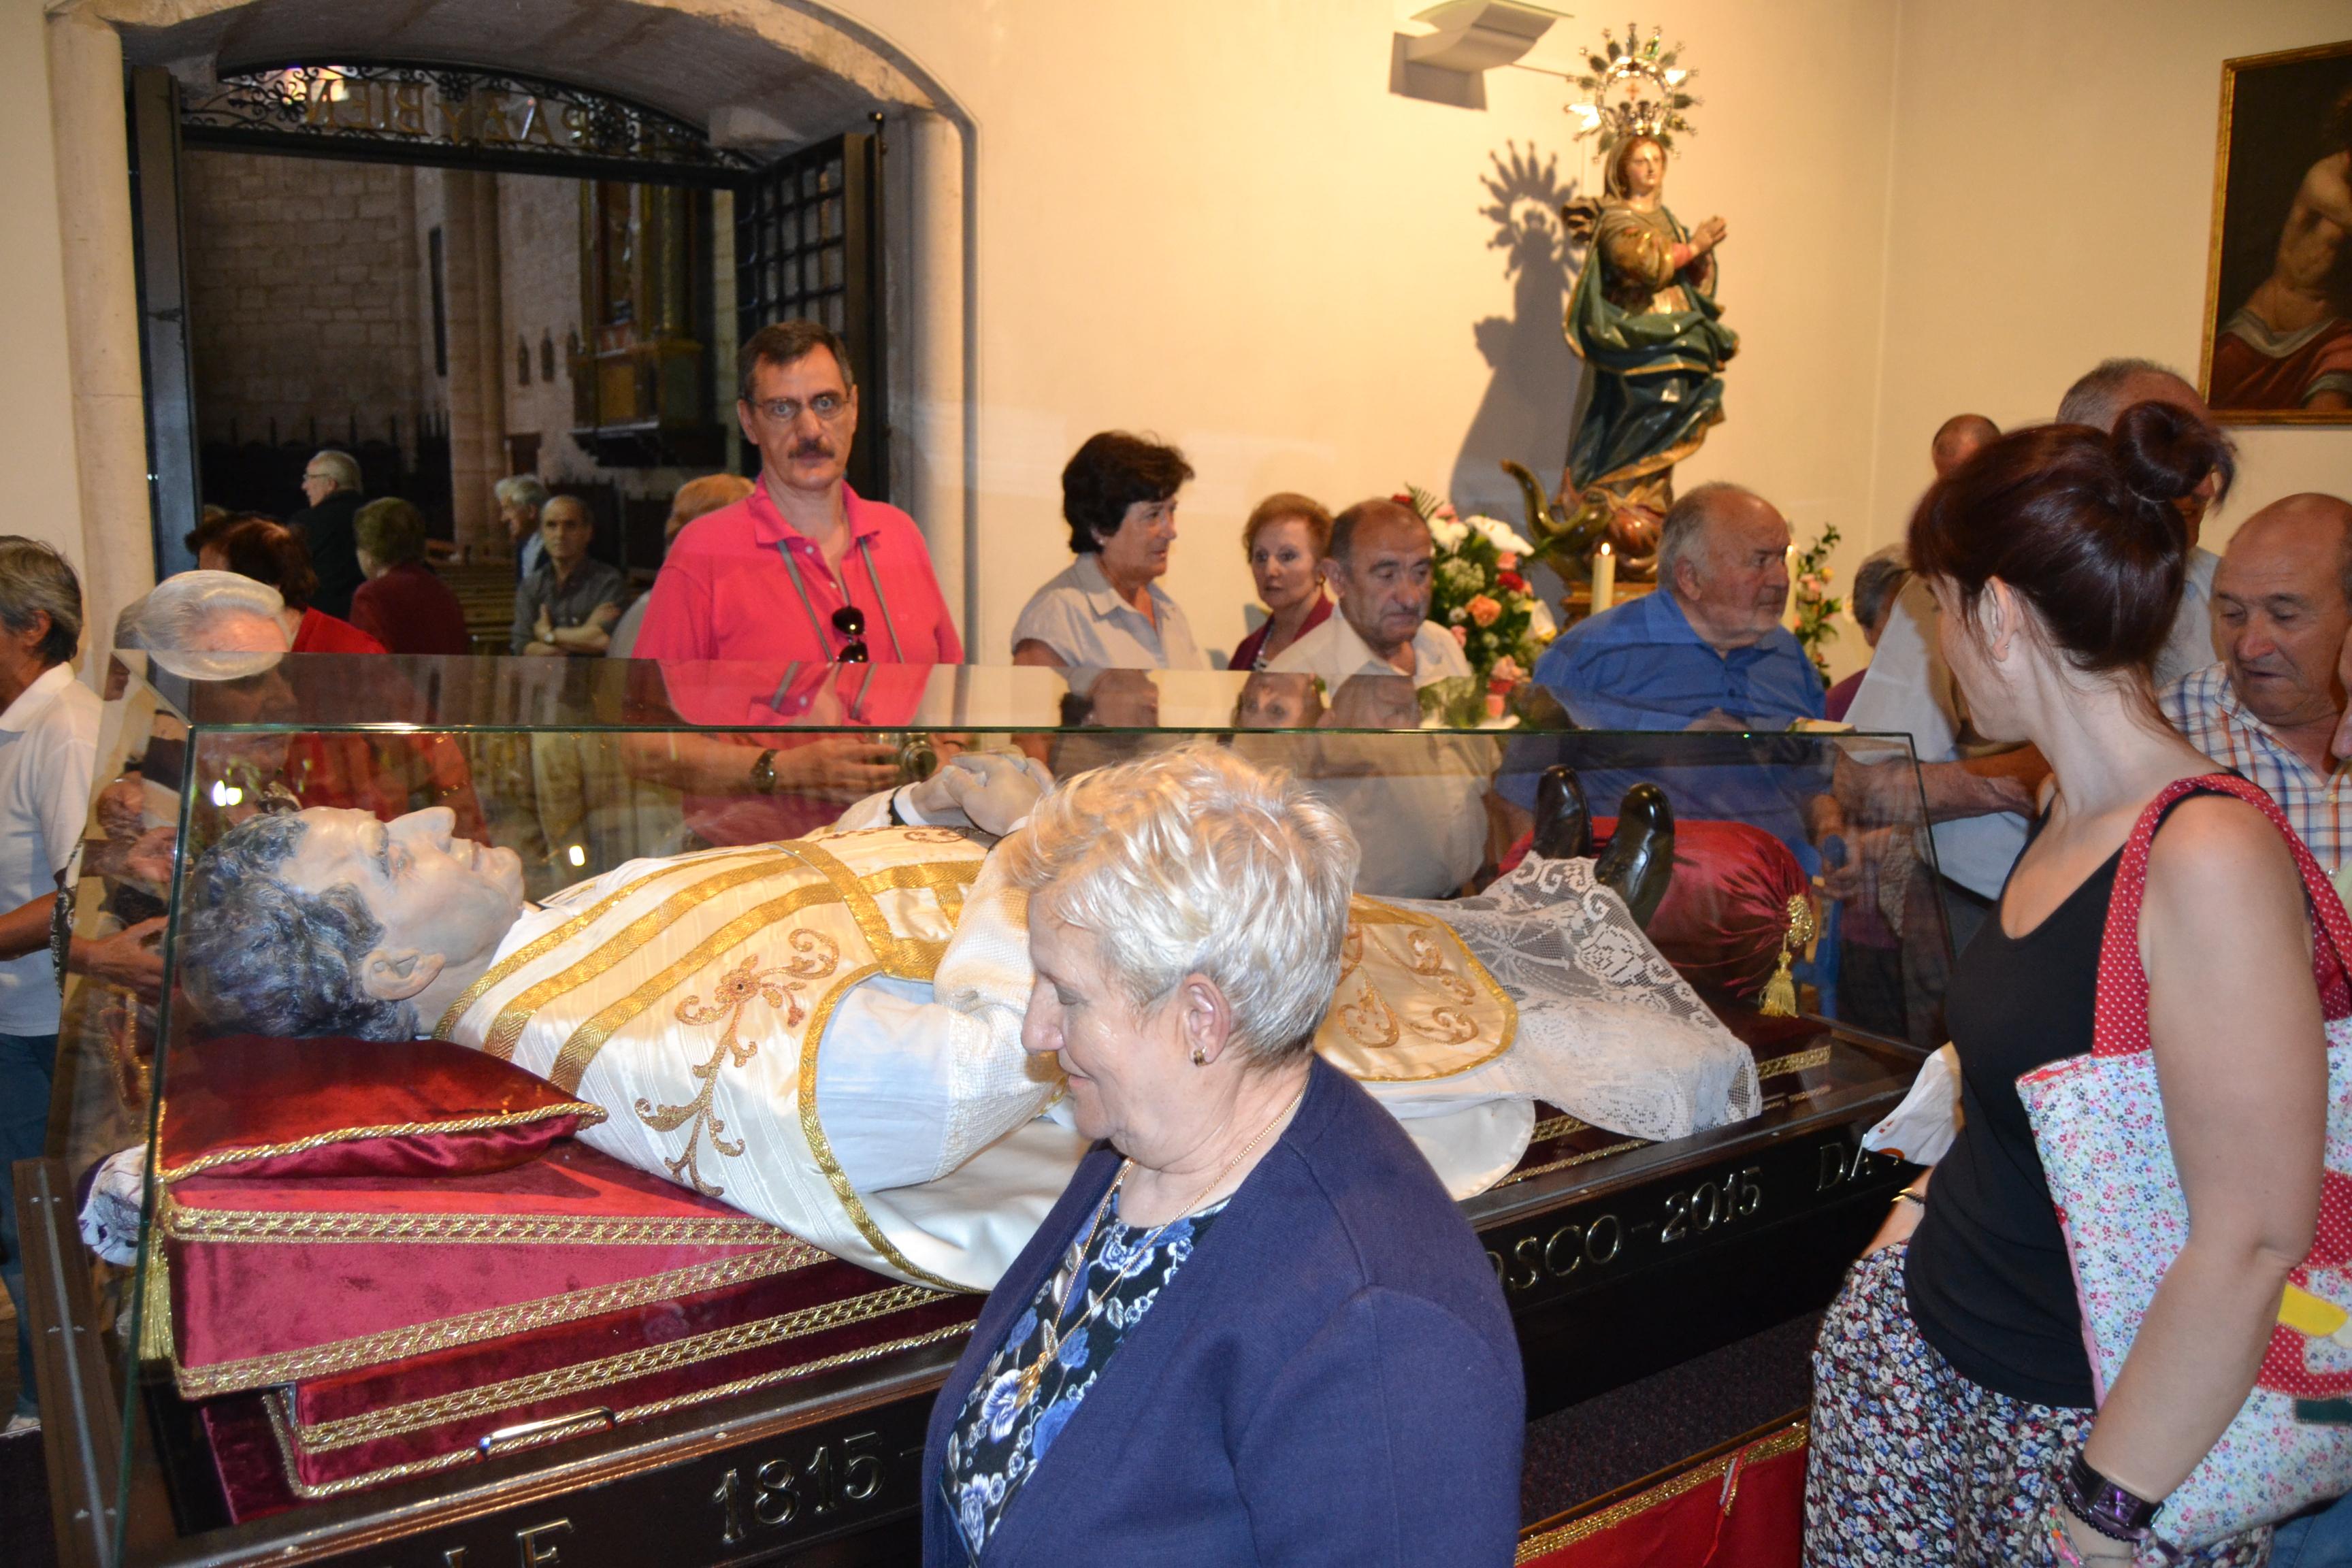 Recepción Don Bosco (01-06-2012)